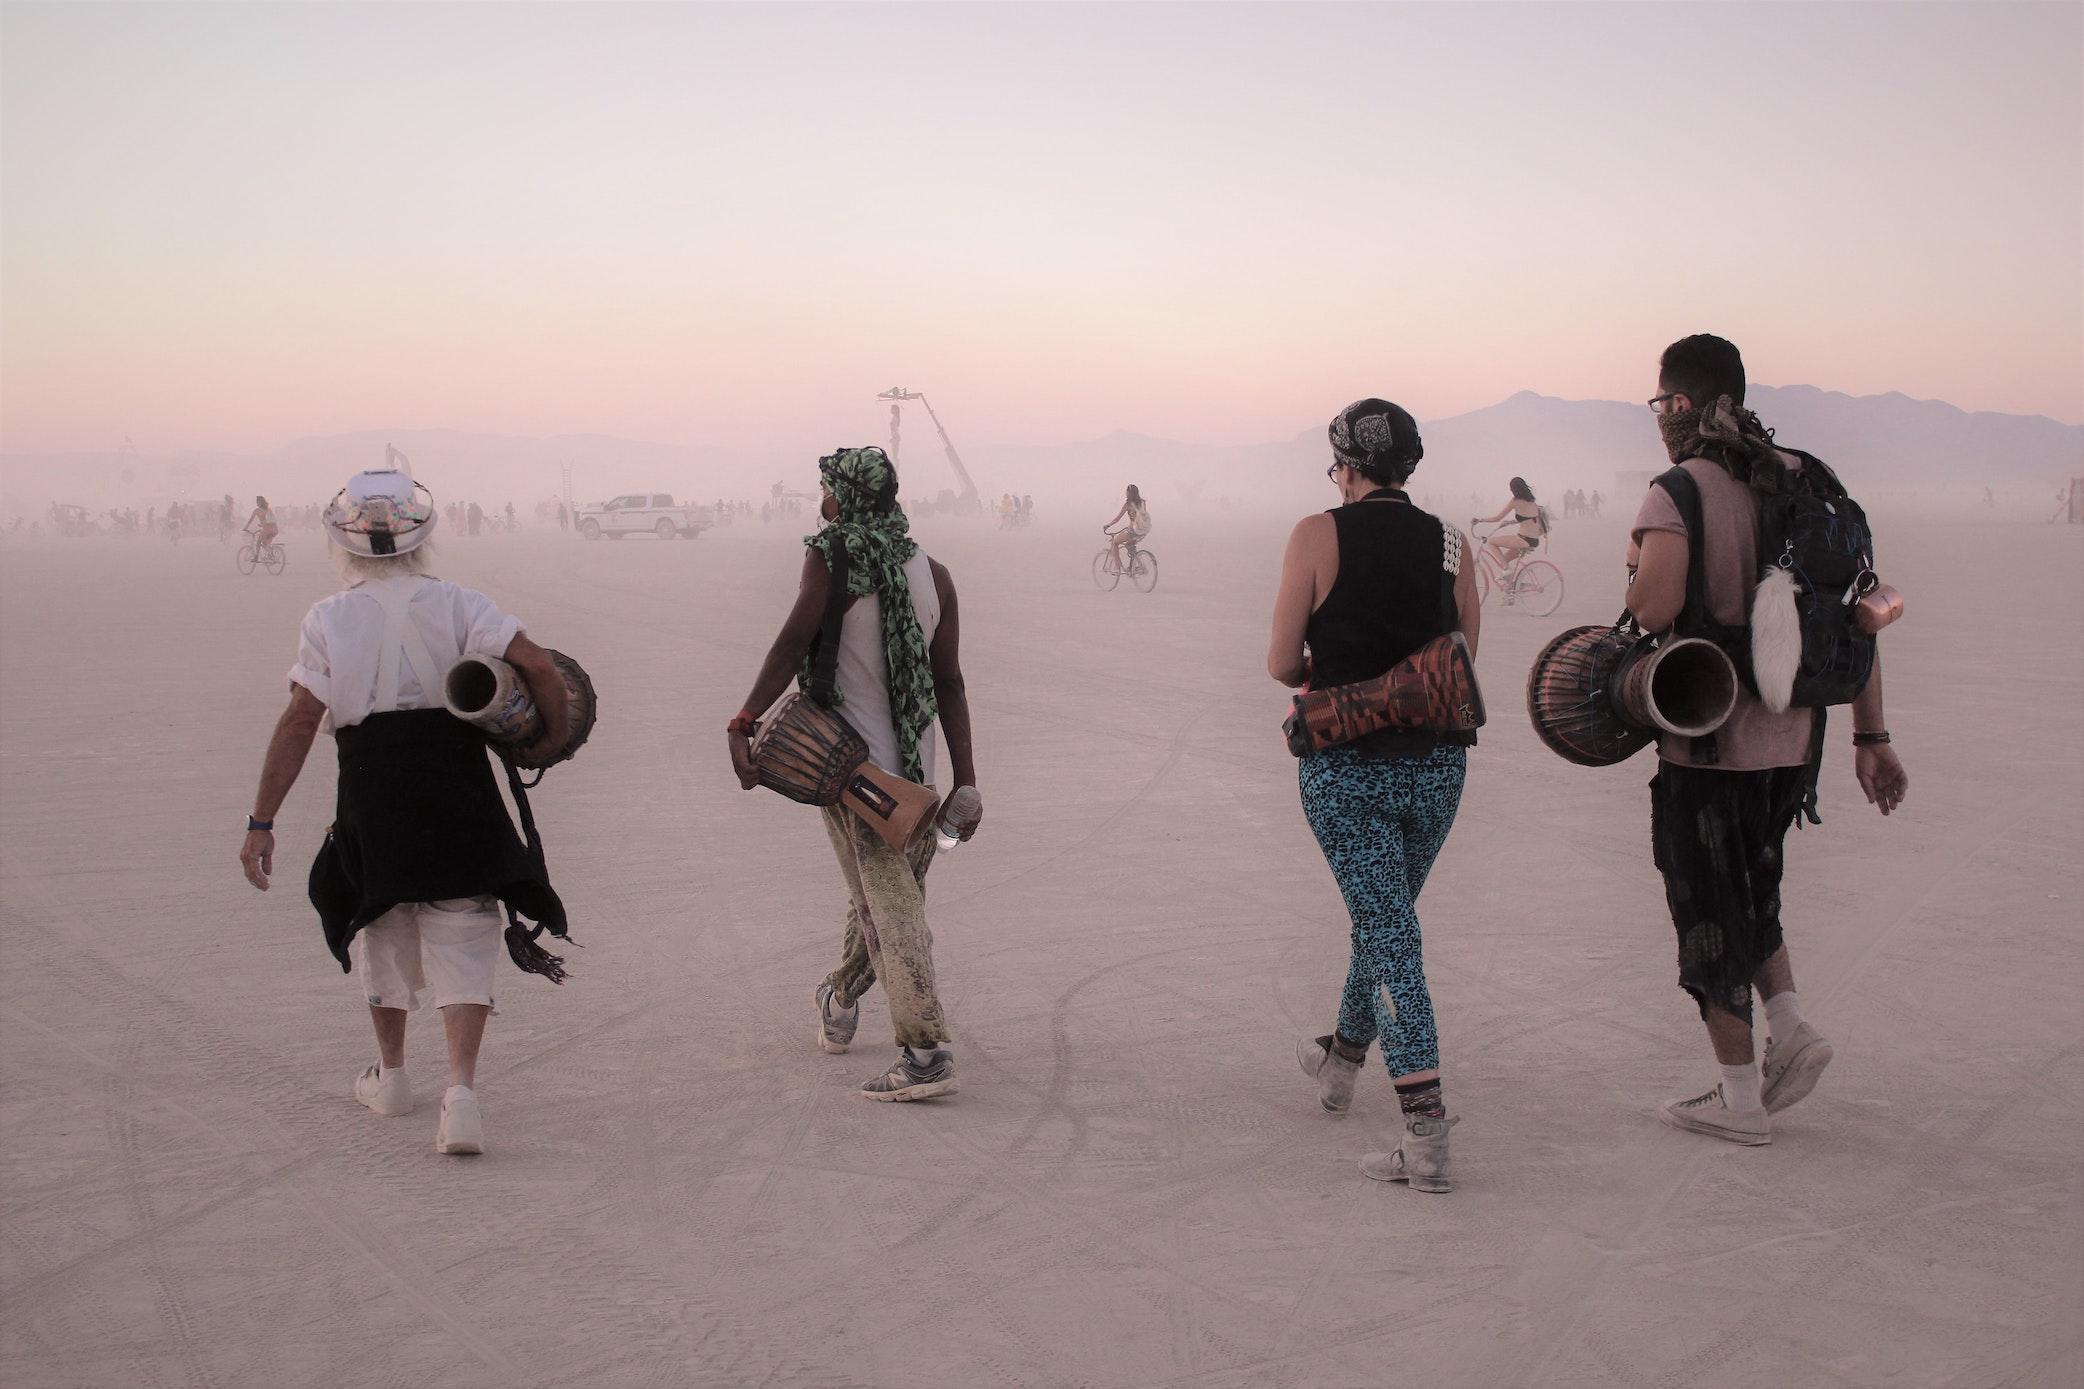 Nomaden Wüste Musik Gemeinschaft